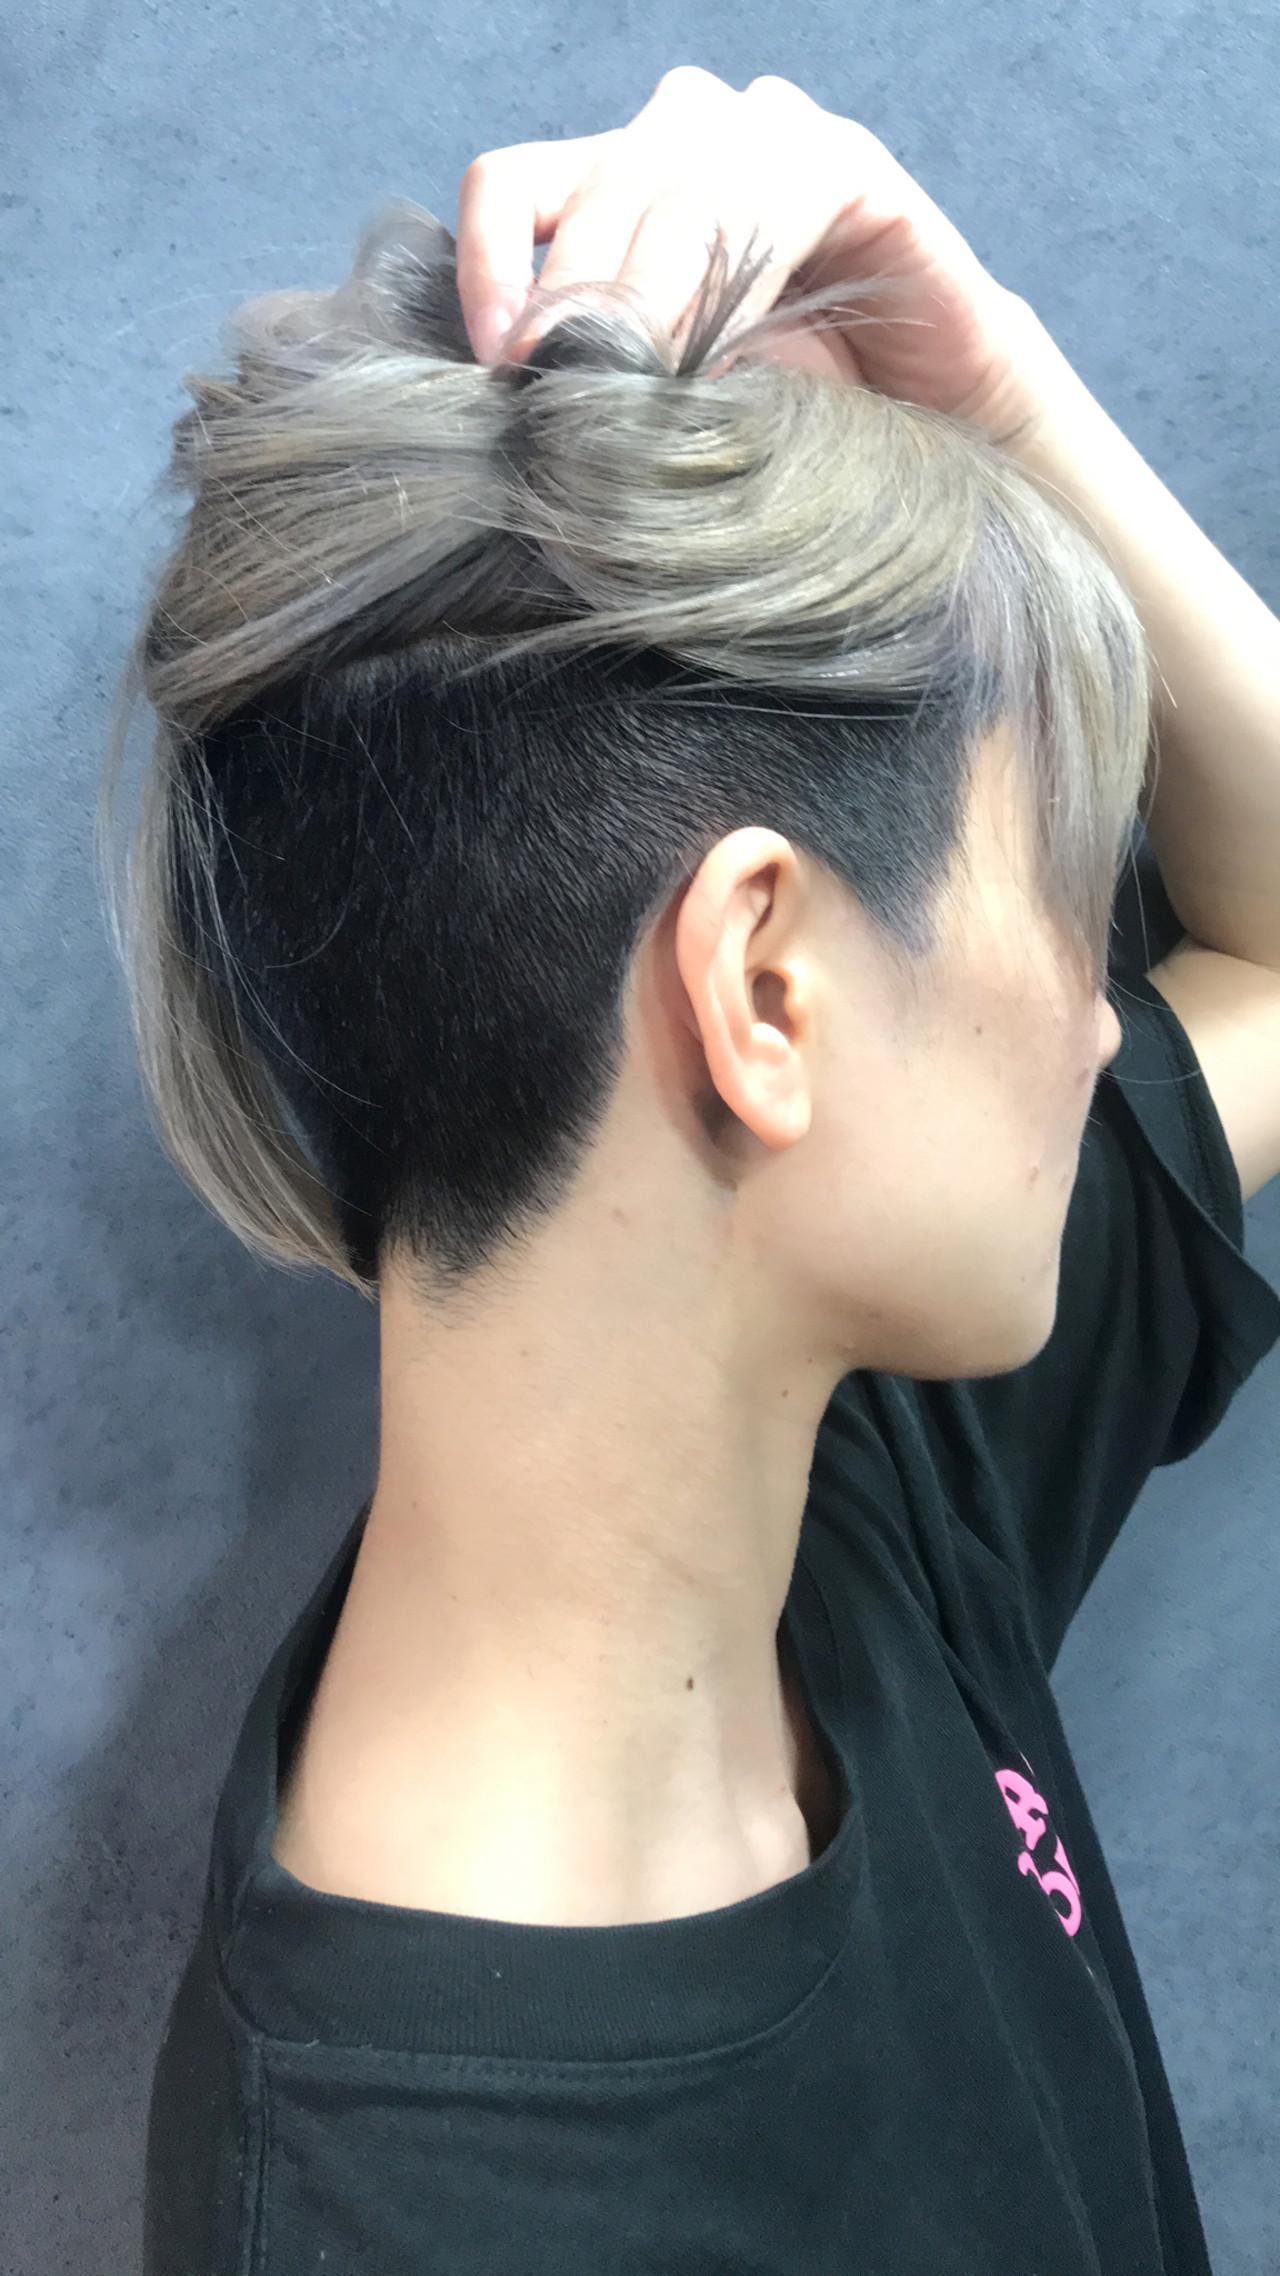 シルバーグレー ボブ 切りっぱなしボブ ホワイトシルバー ヘアスタイルや髪型の写真・画像